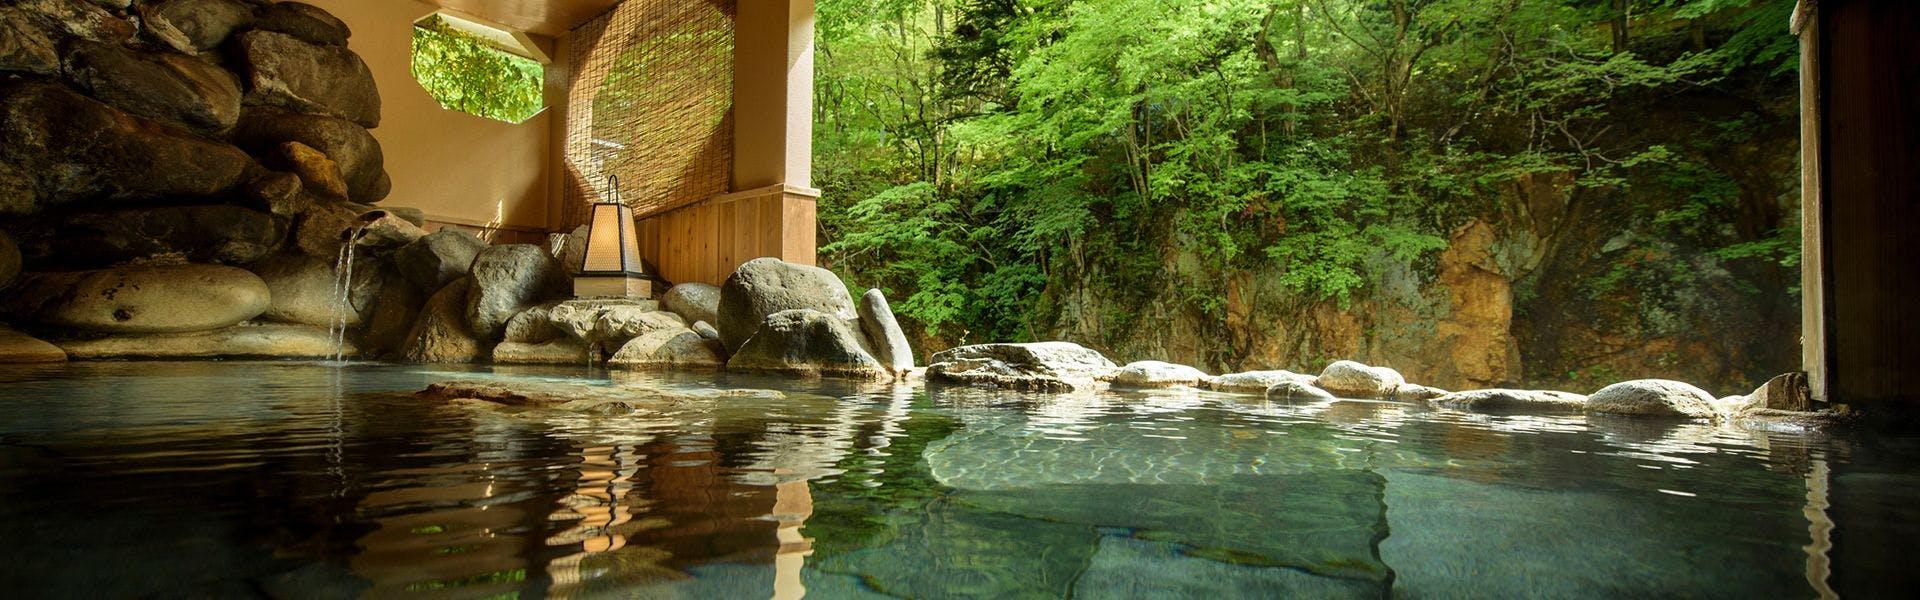 記念日におすすめのホテル・湯の花荘の写真3